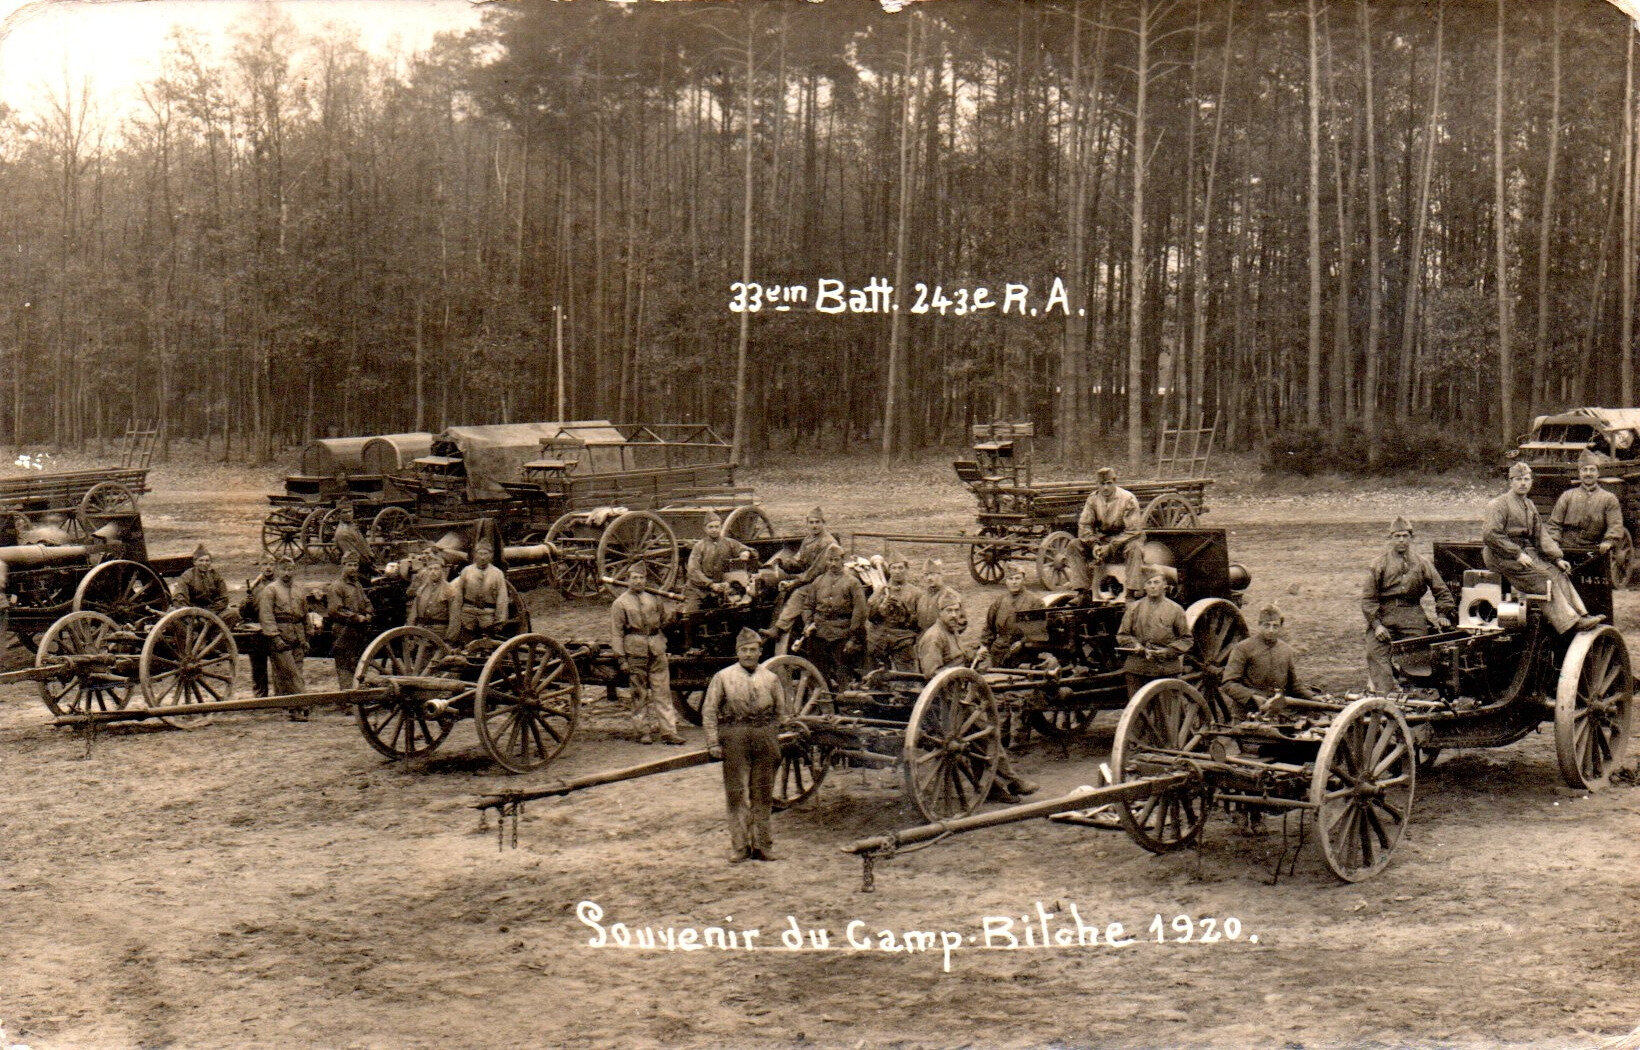 Occupation de la Rhénanie, Souvenir du camp de Bitche, 243e RAC 33e batterie, novembre 1920